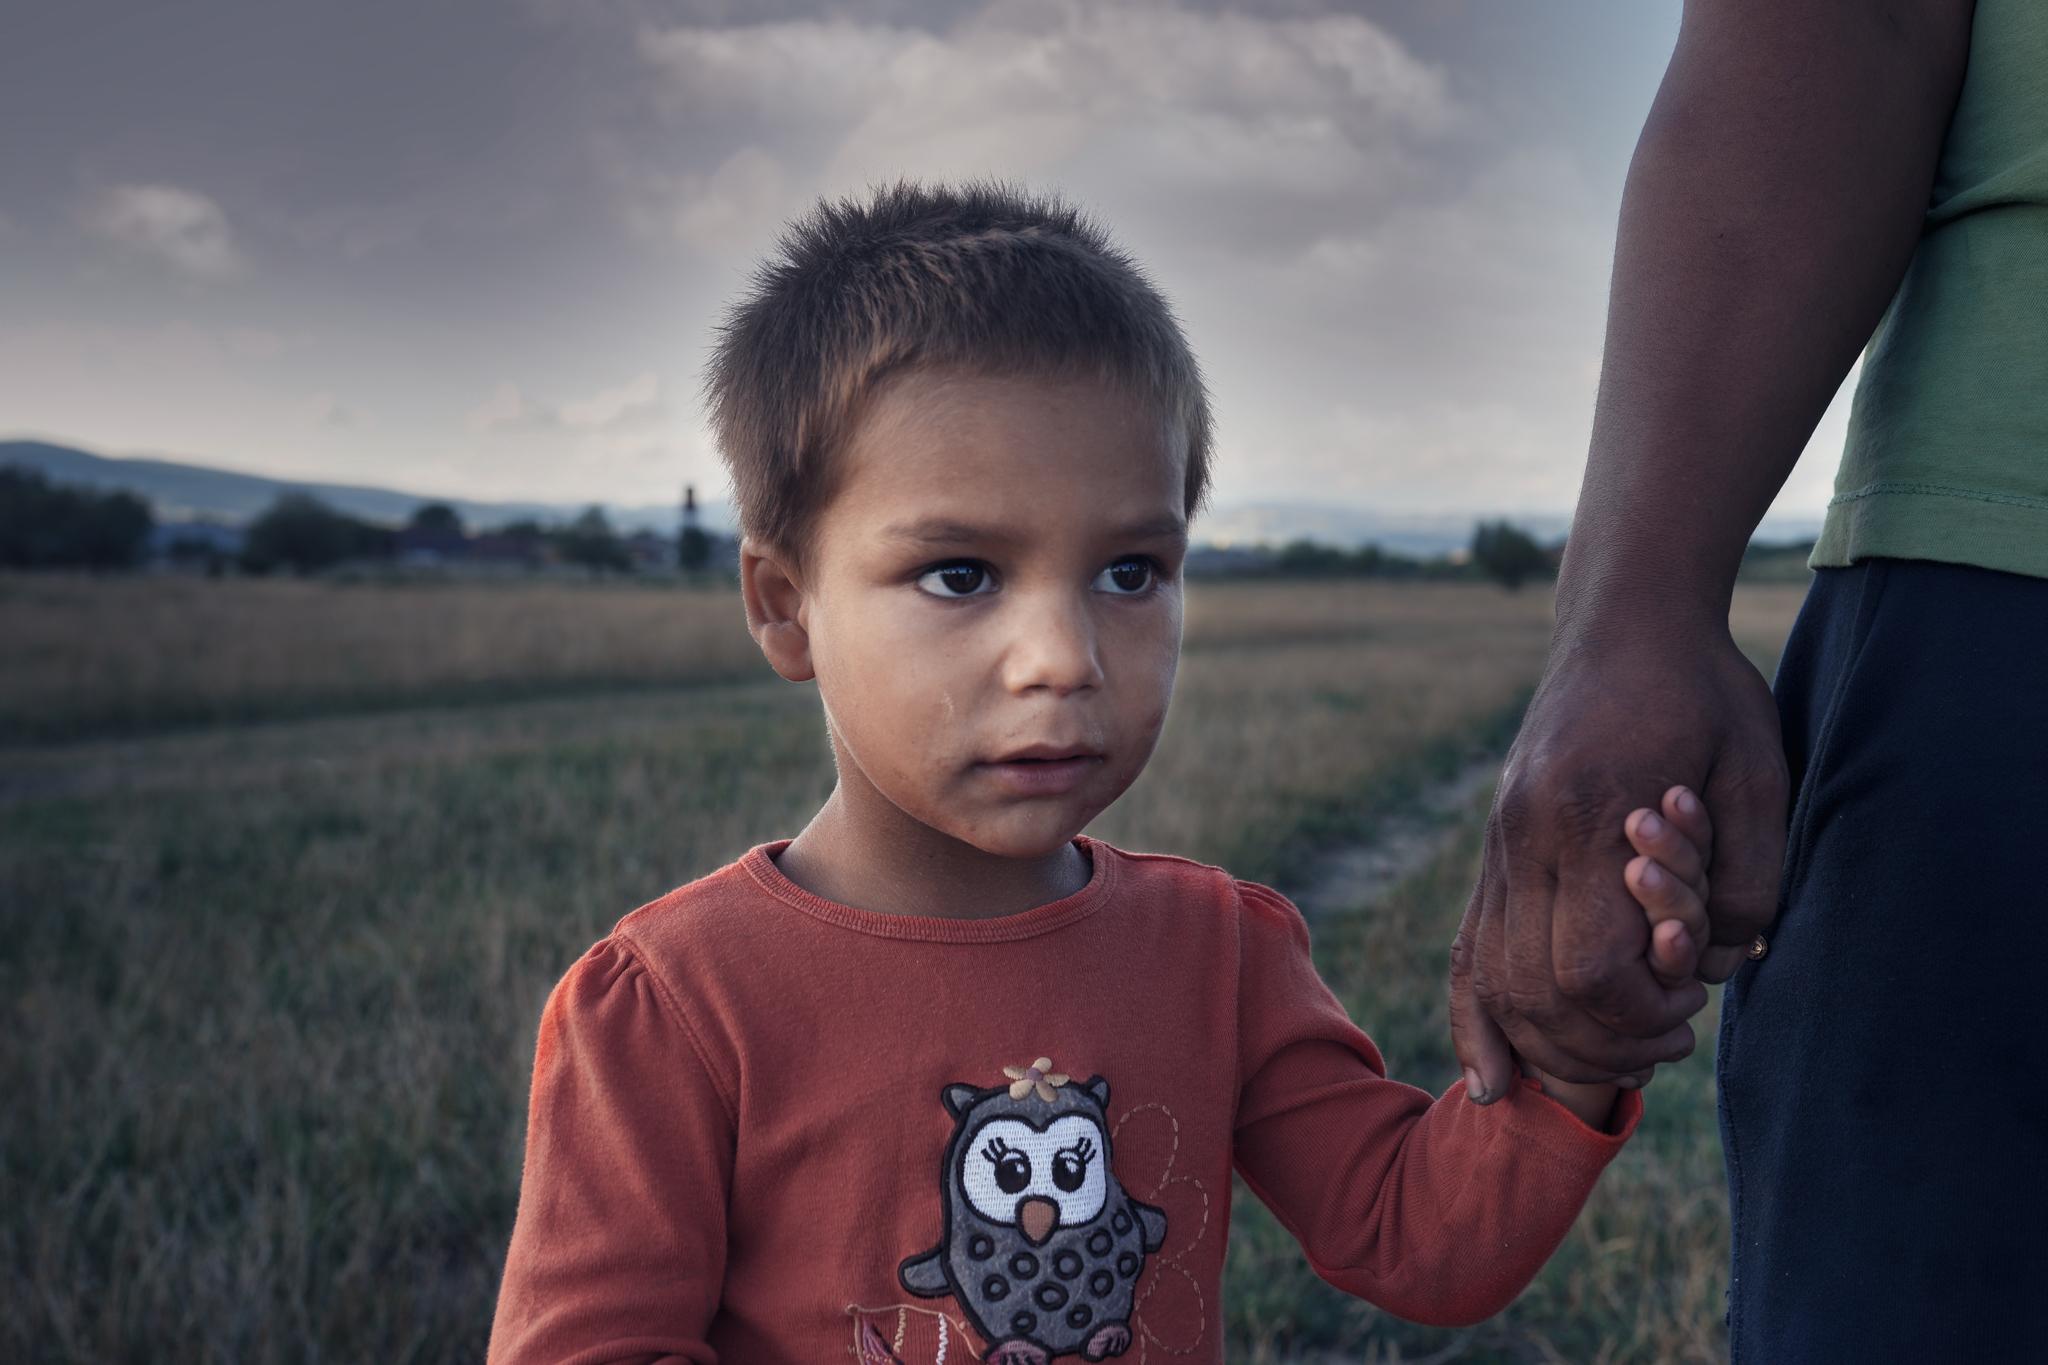 Apelul echipei de voluntari pentru ajutorarea unei familii cu opt copii din Orăştie